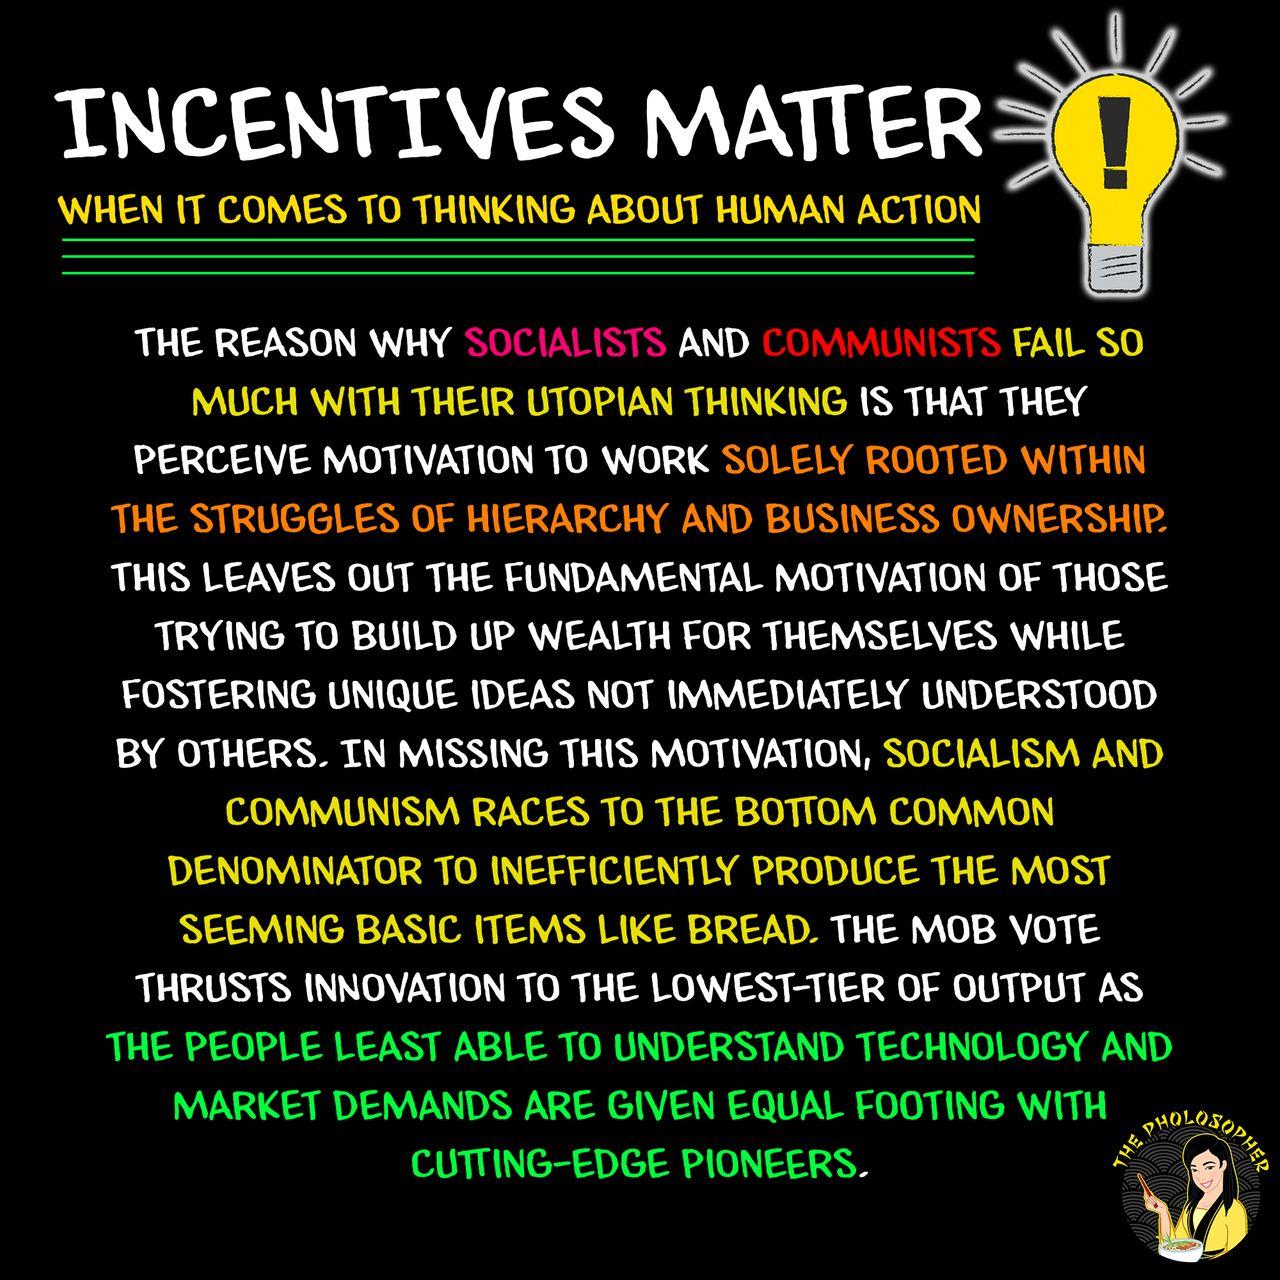 incentives matter.jpg